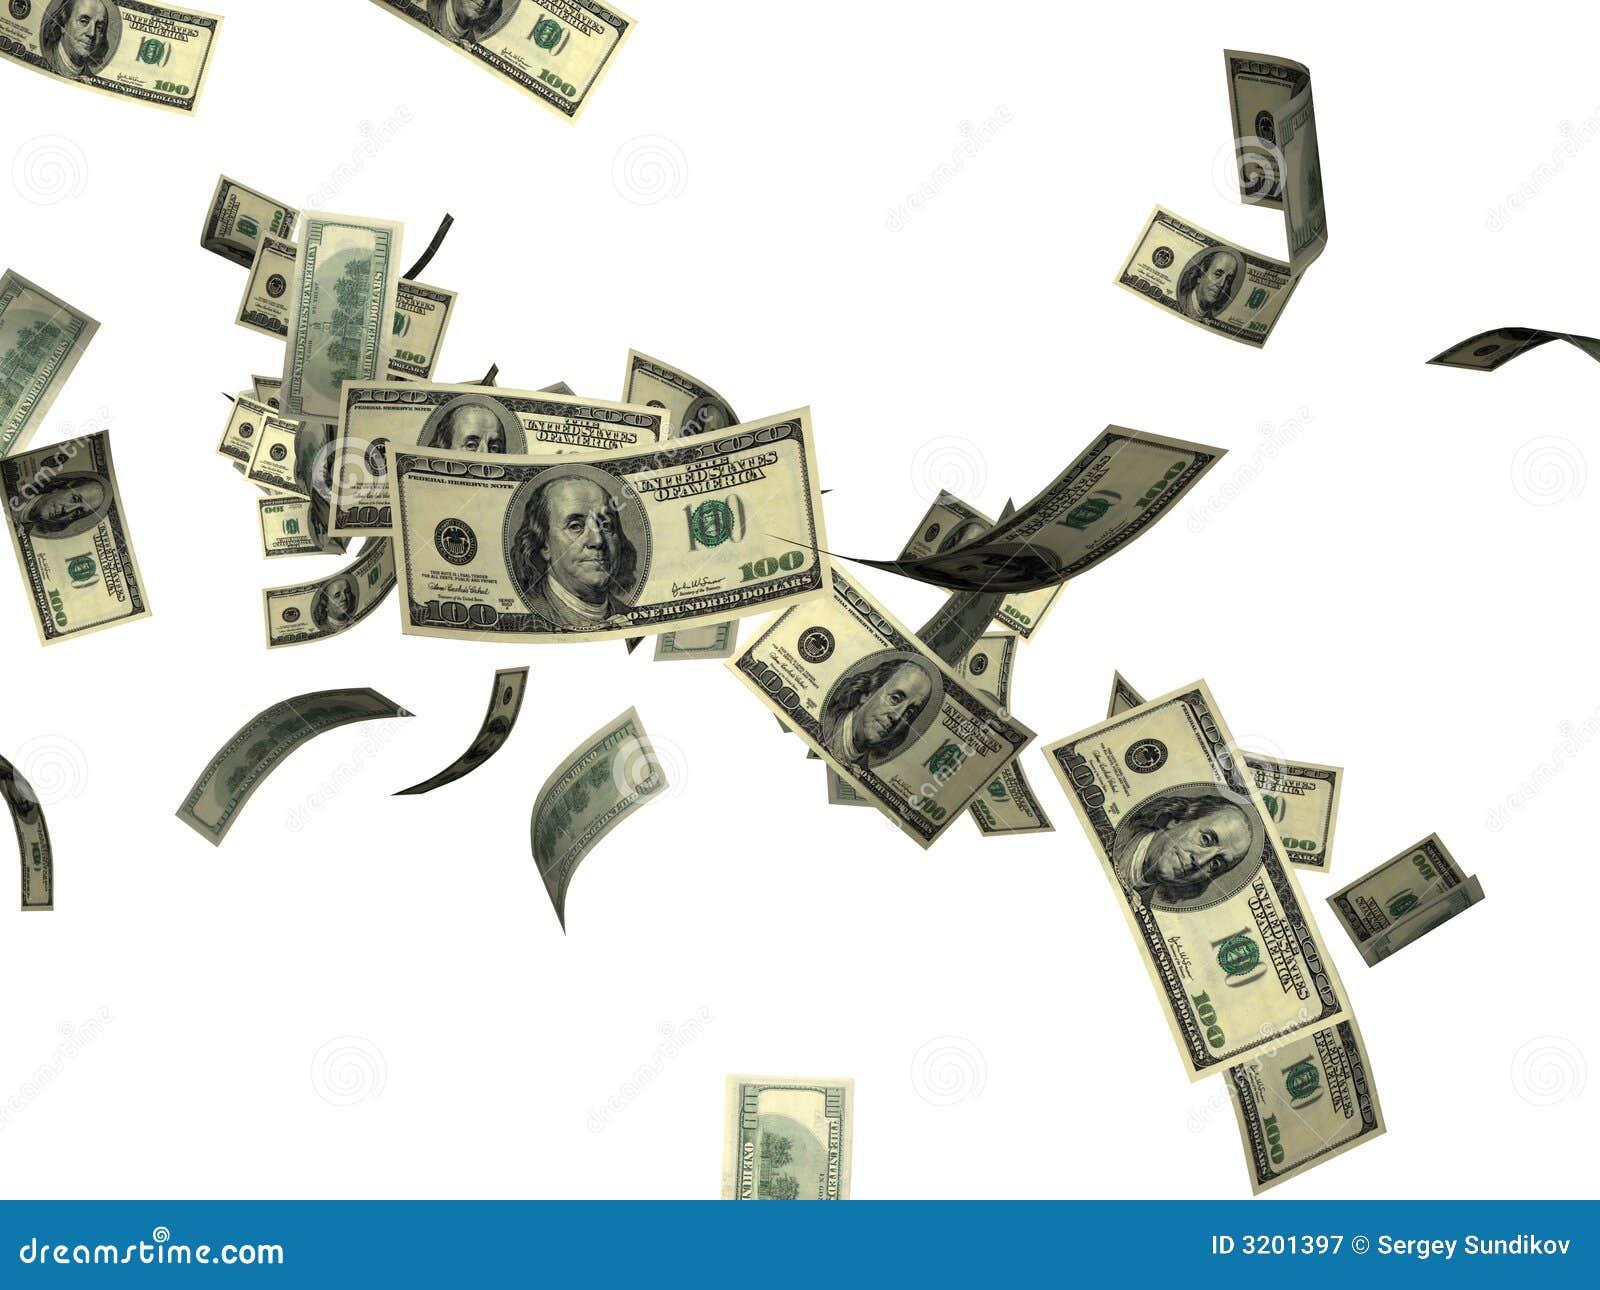 dollar bills falling on - photo #47